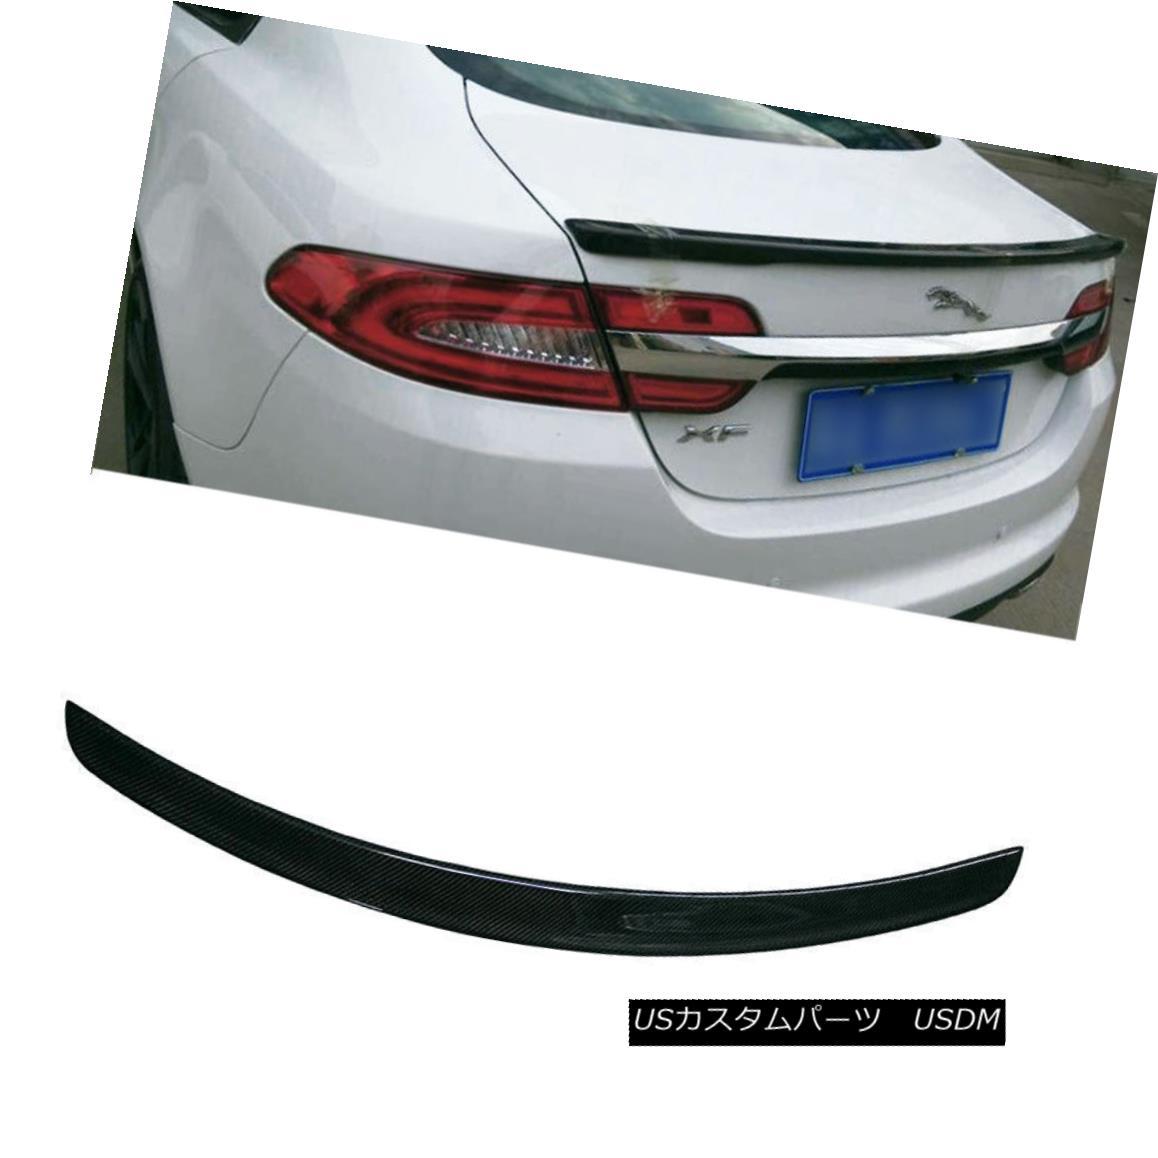 PU Trunk spoiler Avensis Sedan 2009-2011